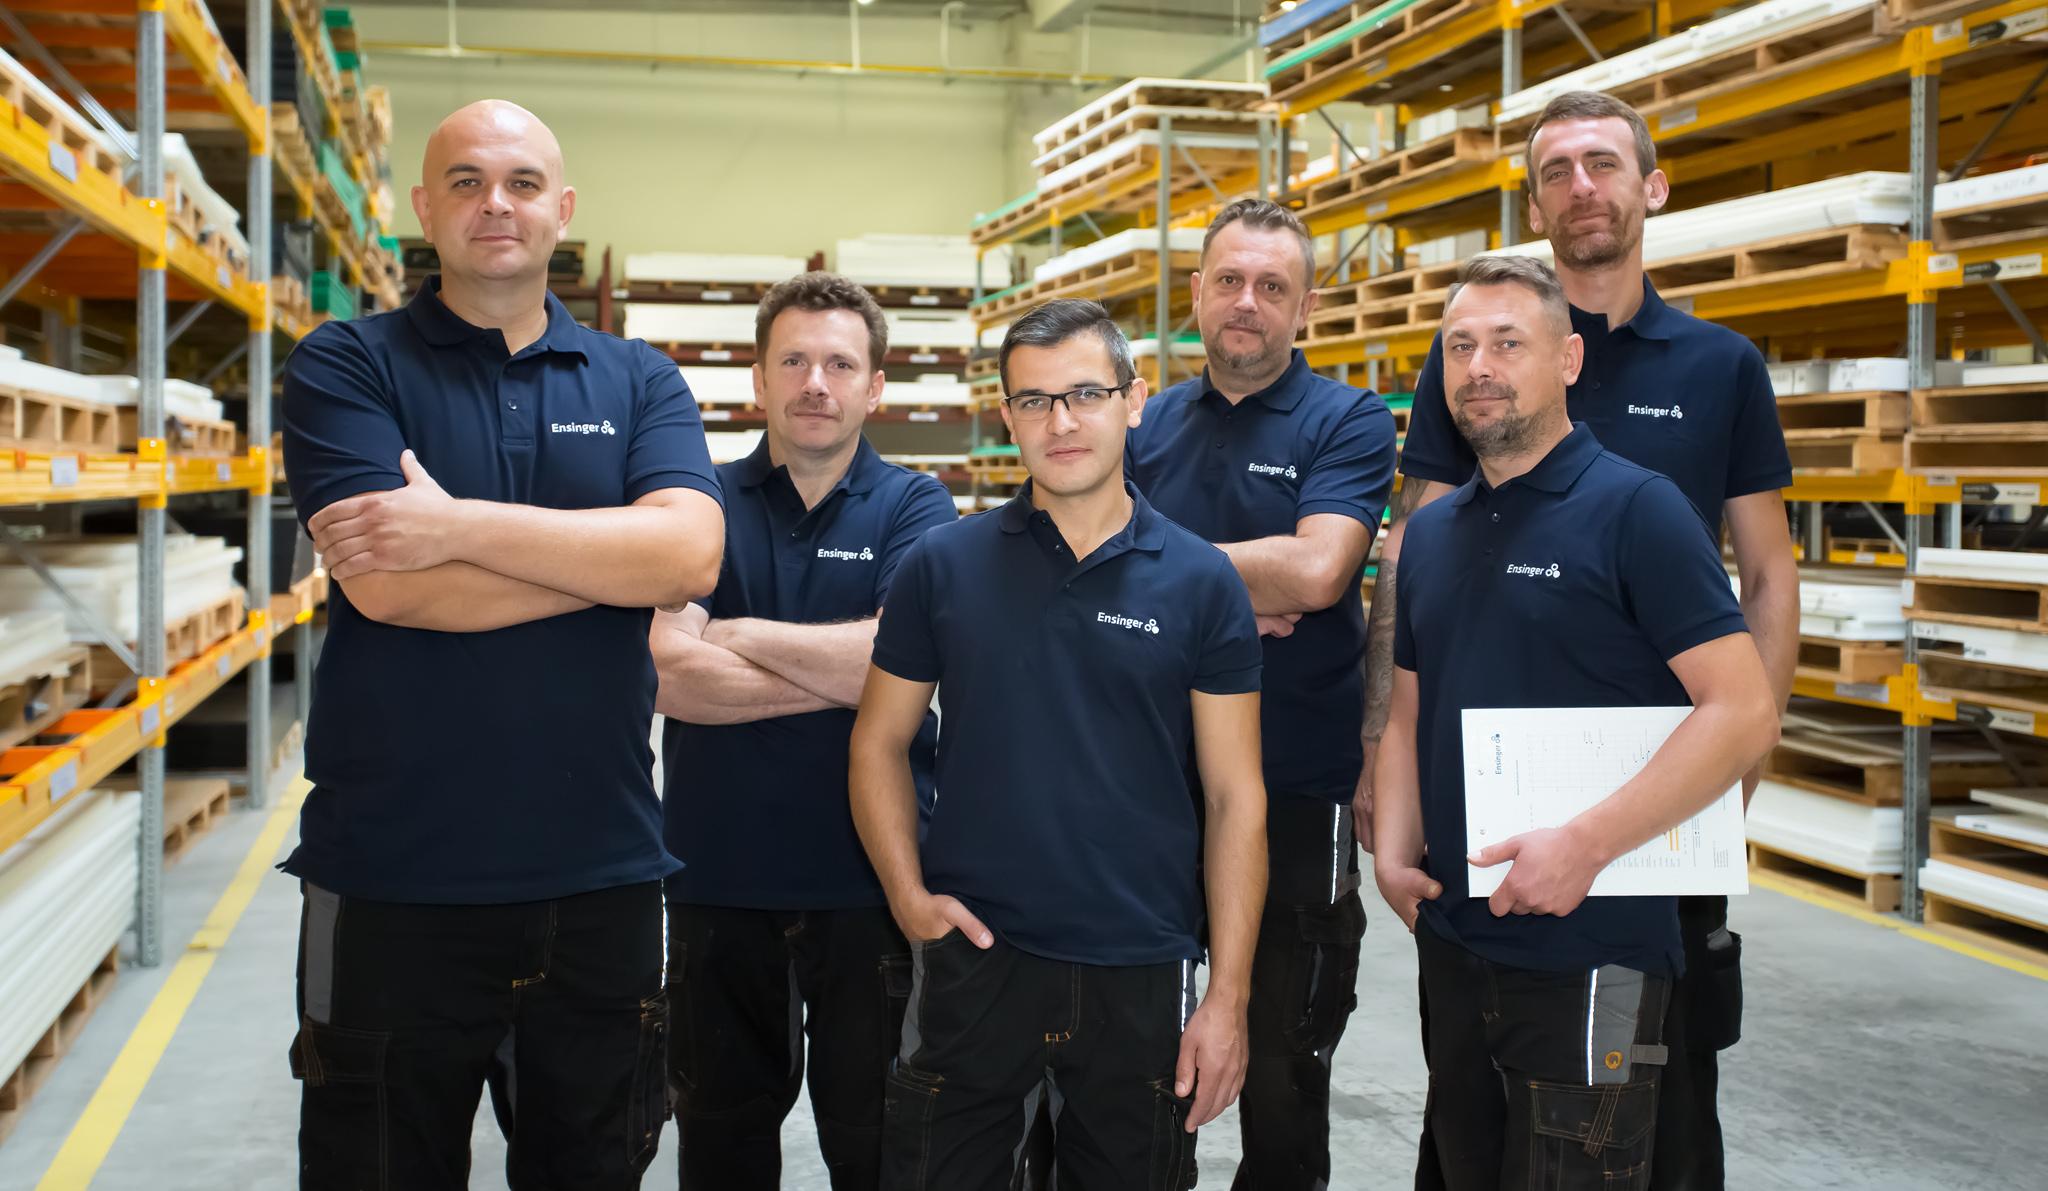 Zespół - pracownicy firmy w firmie - zdjęcia